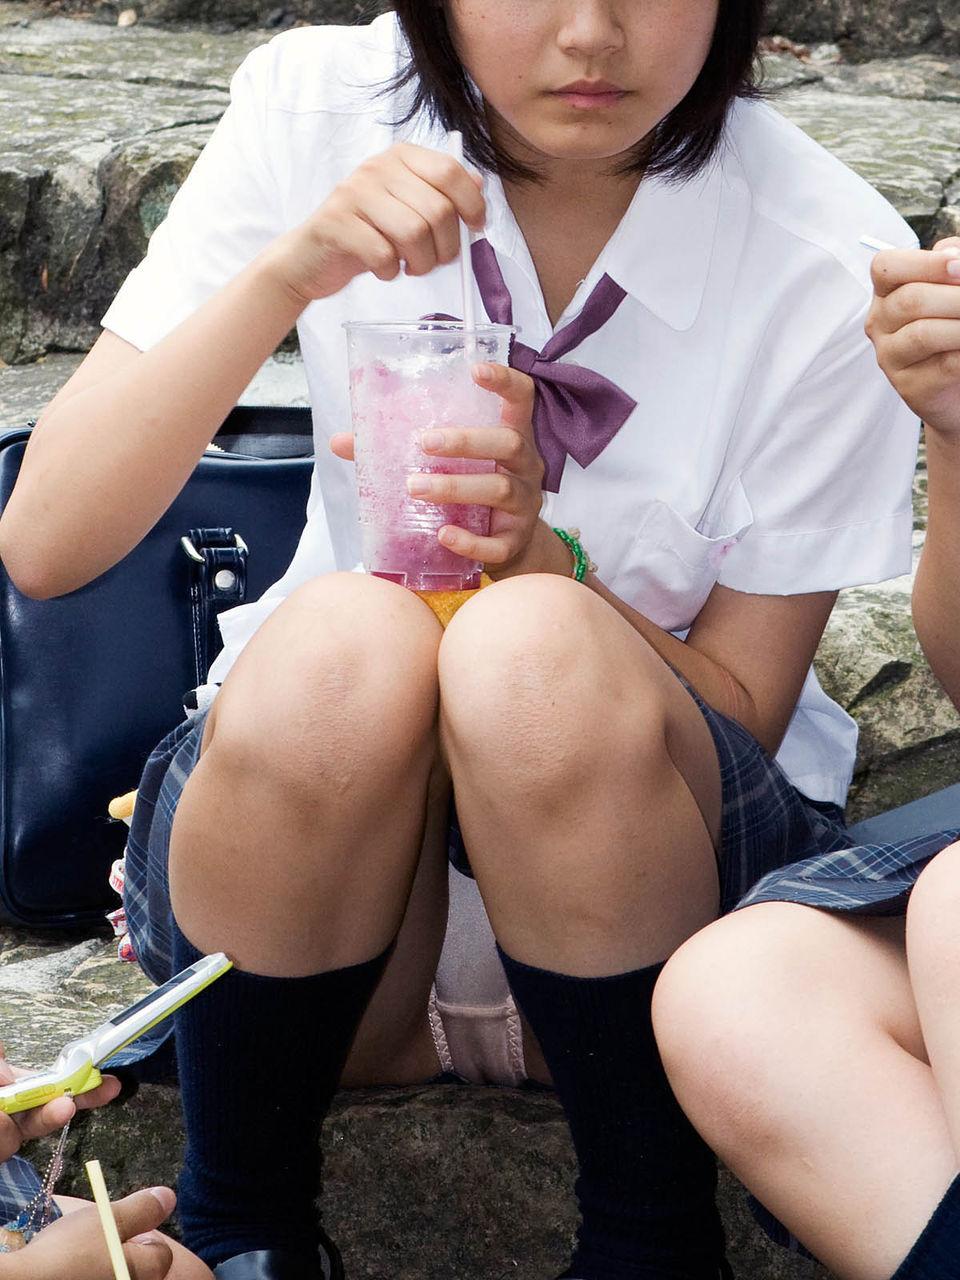 【パンチラエロ画像】なんで座るのミニスカ女子w容易く見えた座りチラ(;・∀・)